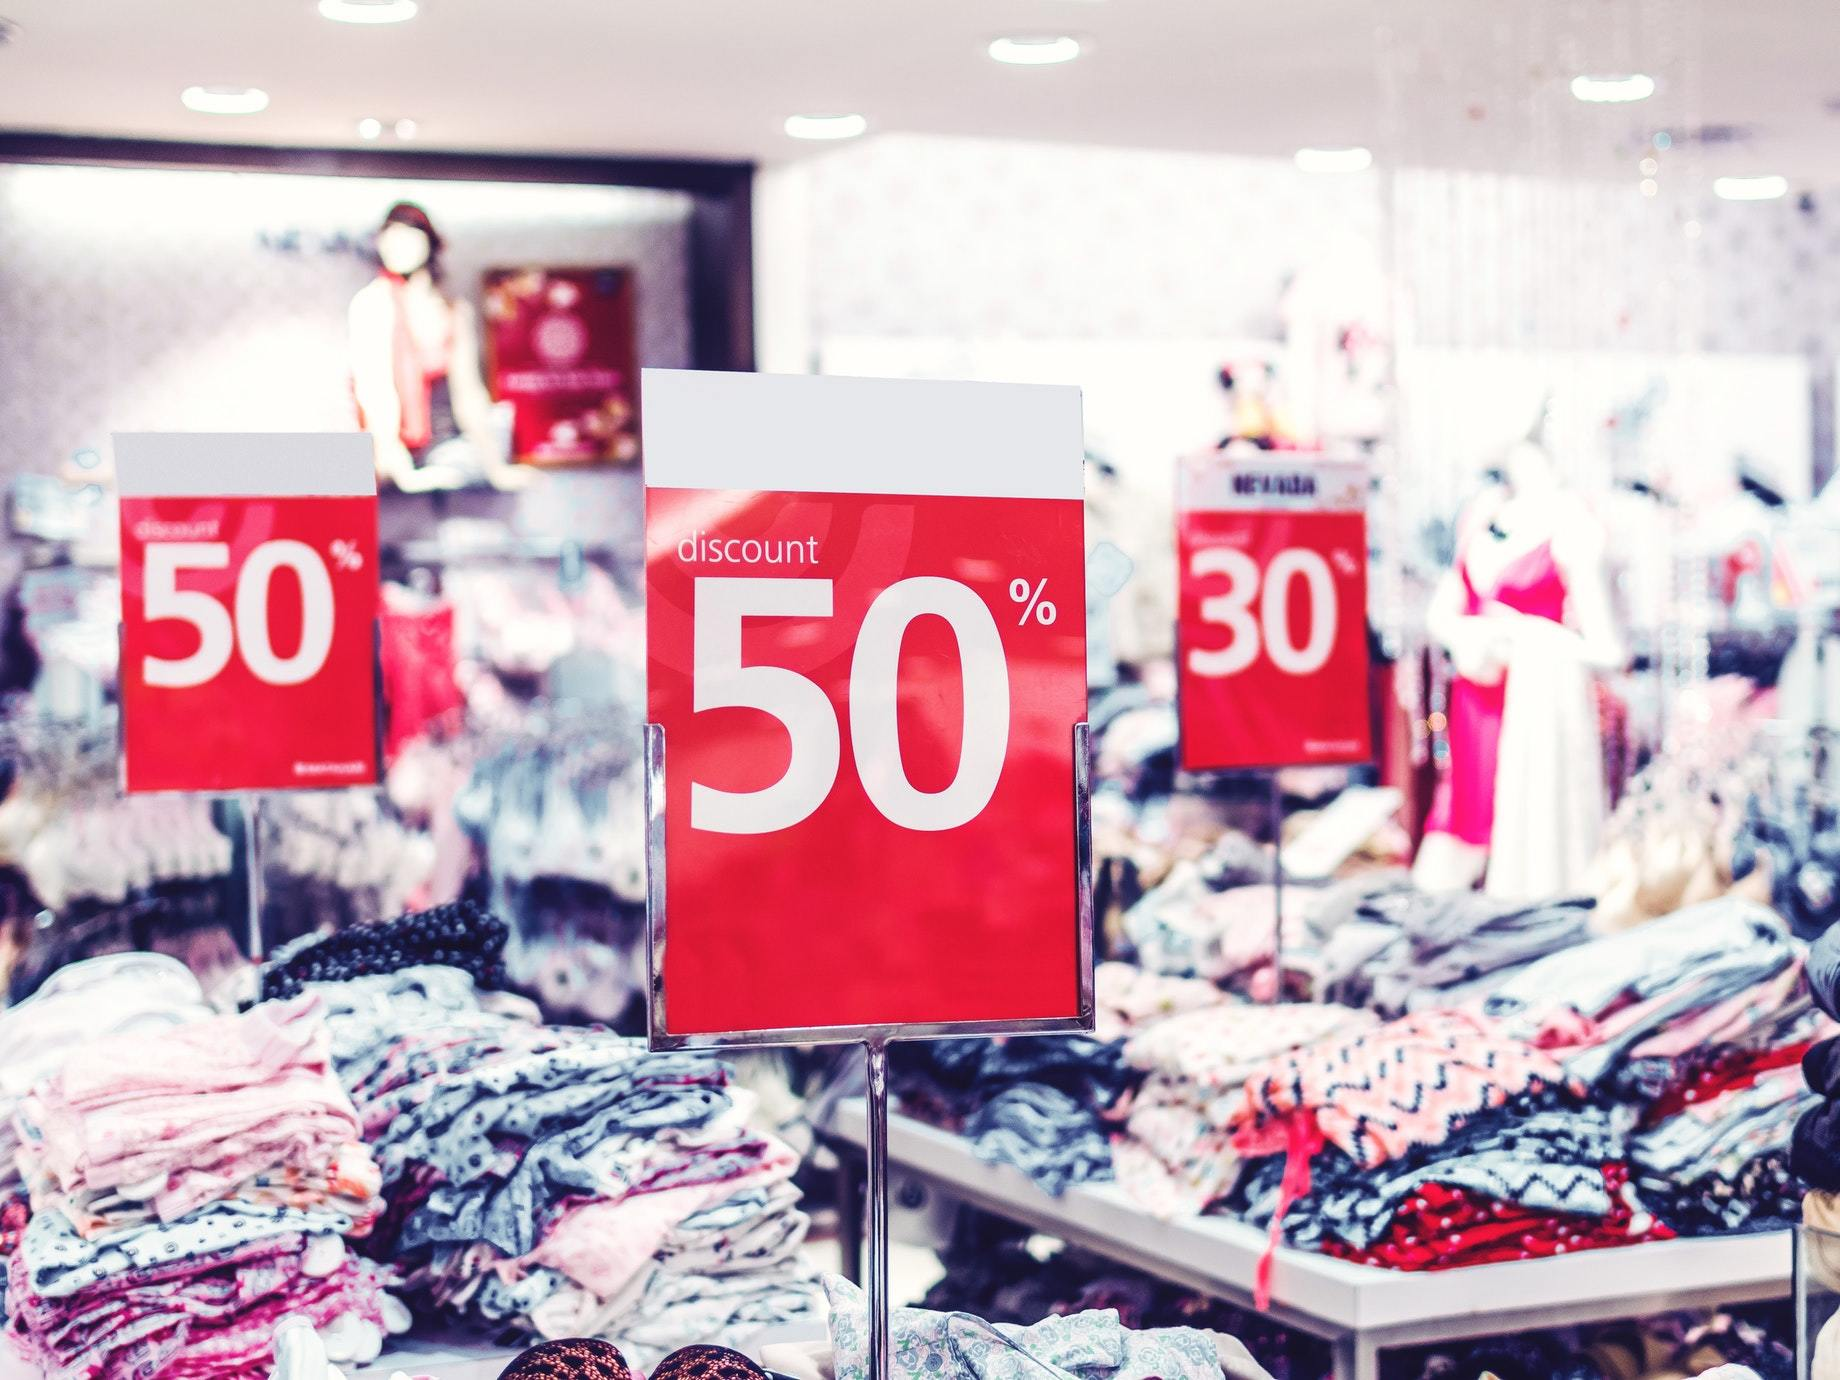 價格只會跟著對手走?錯誤的訂價策略,小心品牌崩壞!